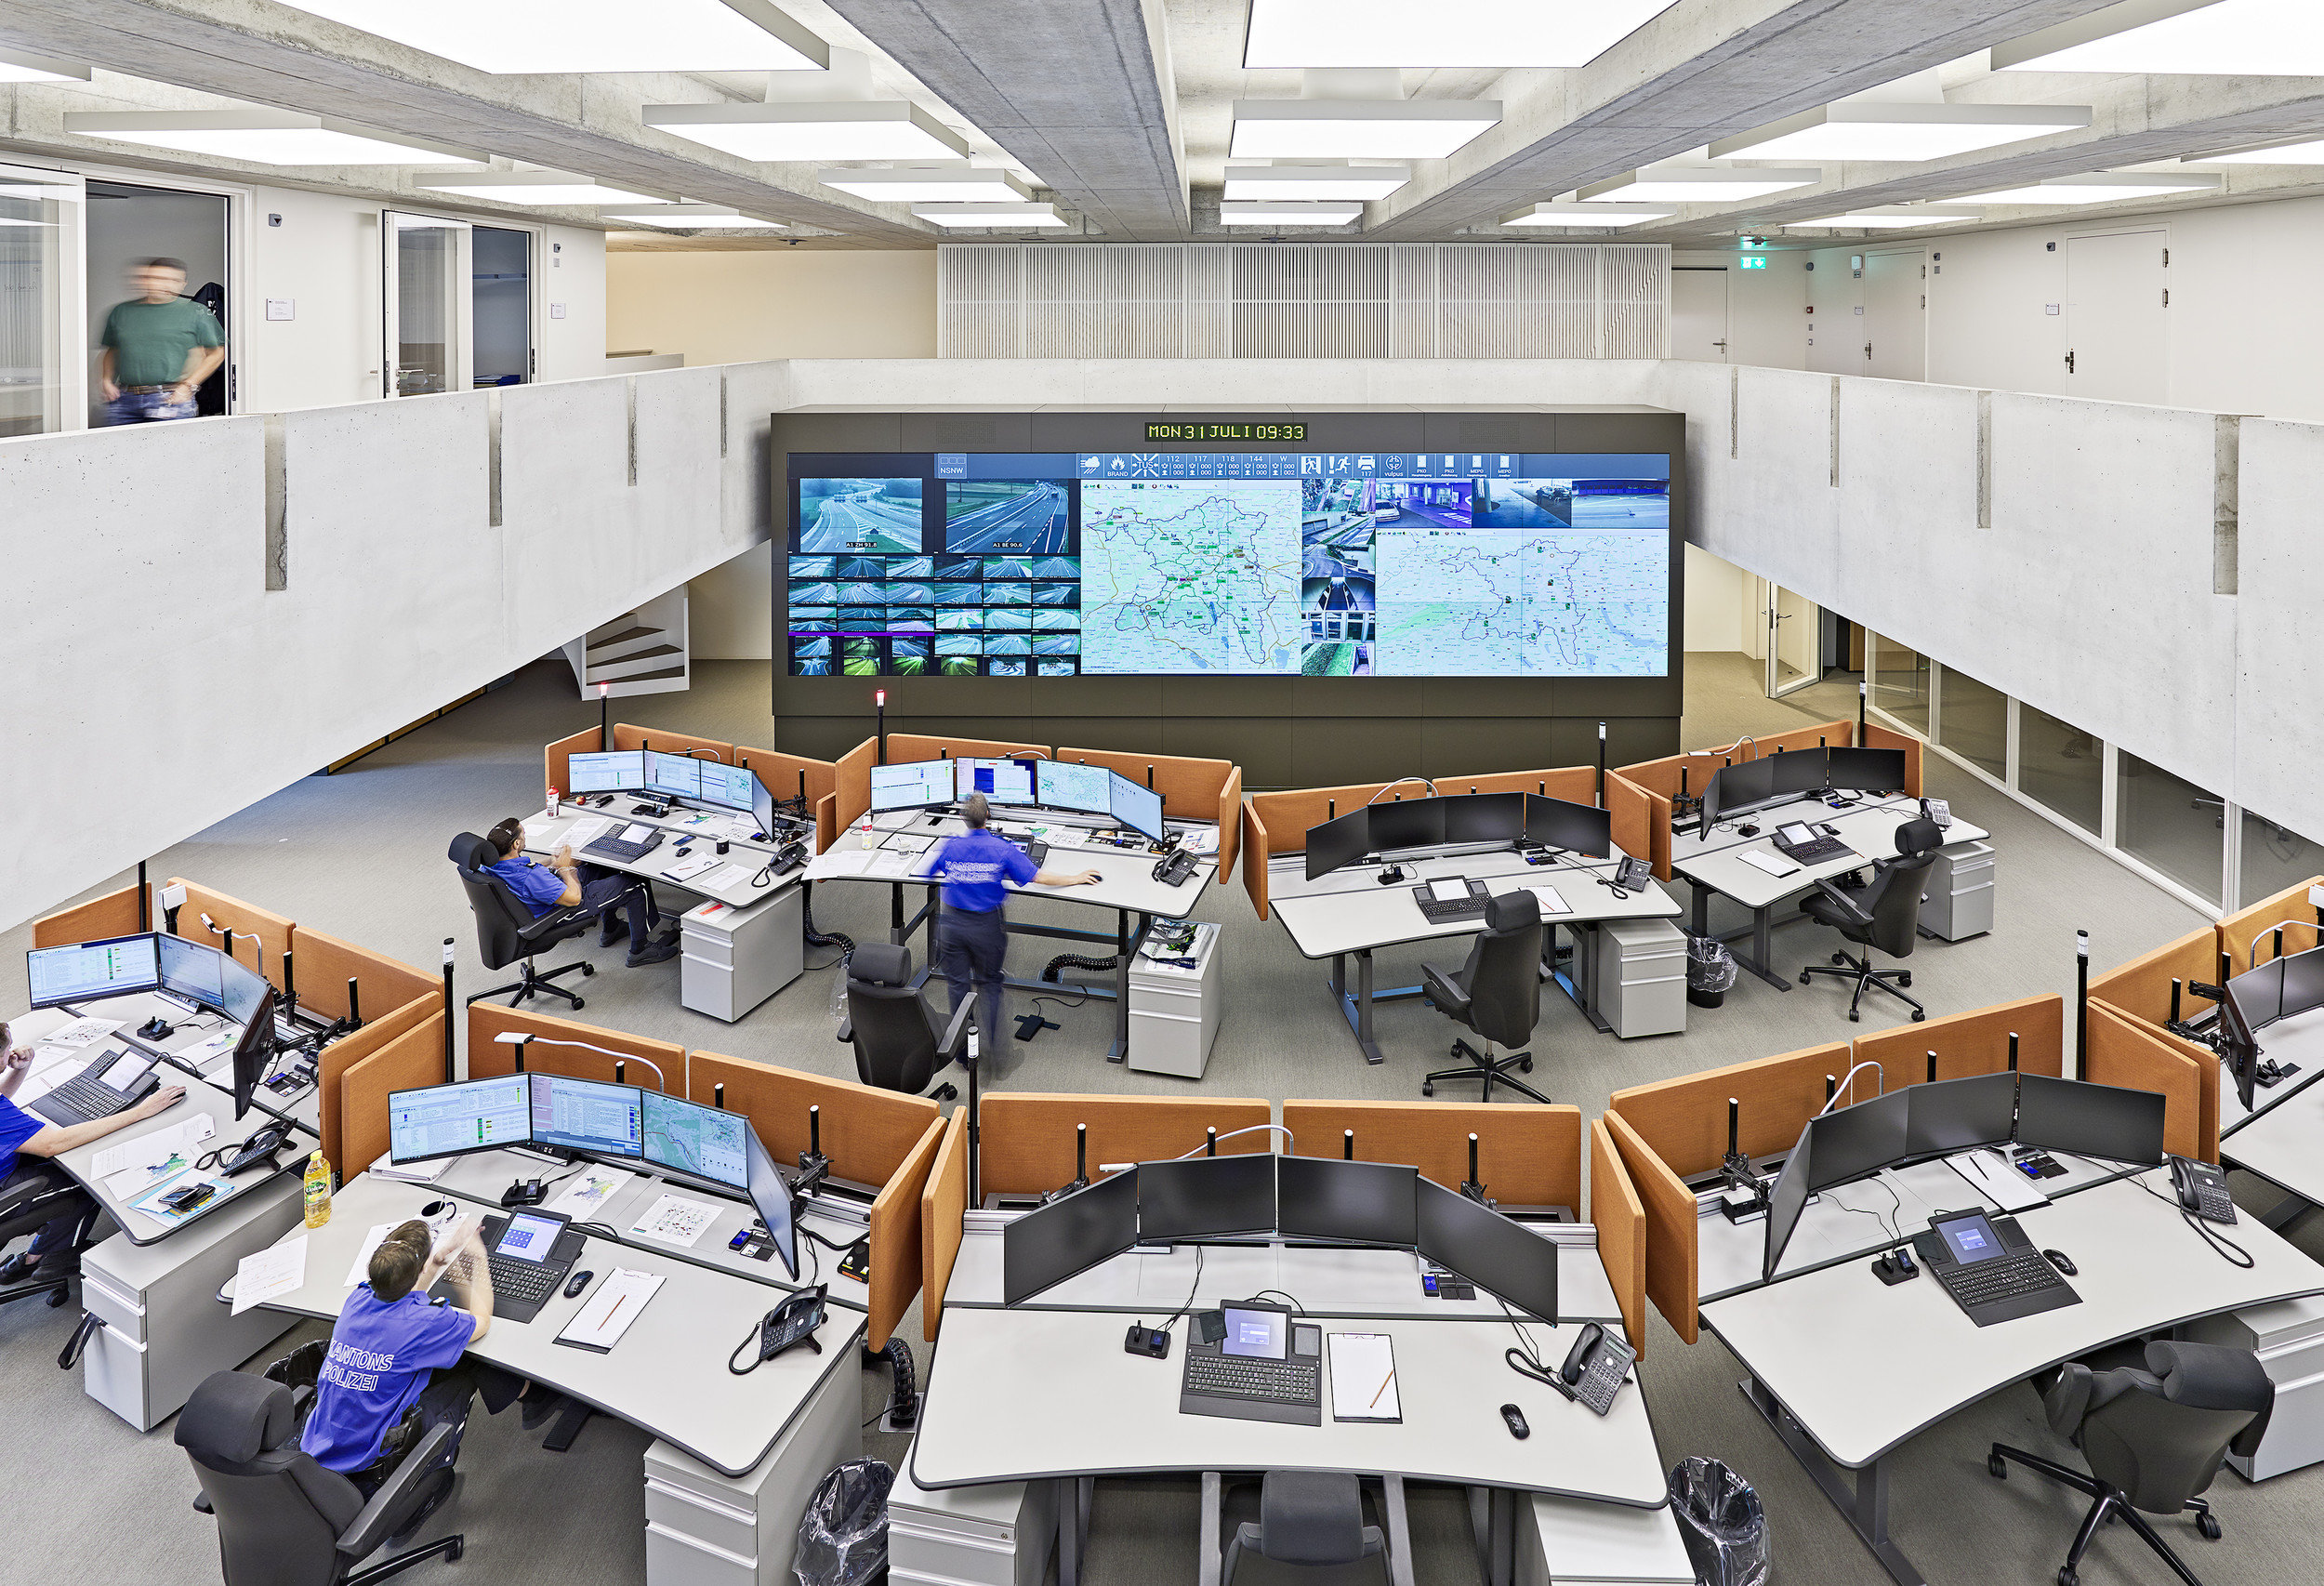 Kontrollzentrum mit mehreren Arbeitsplätzen/ Schreibtischen und elektrischer Ausstattung